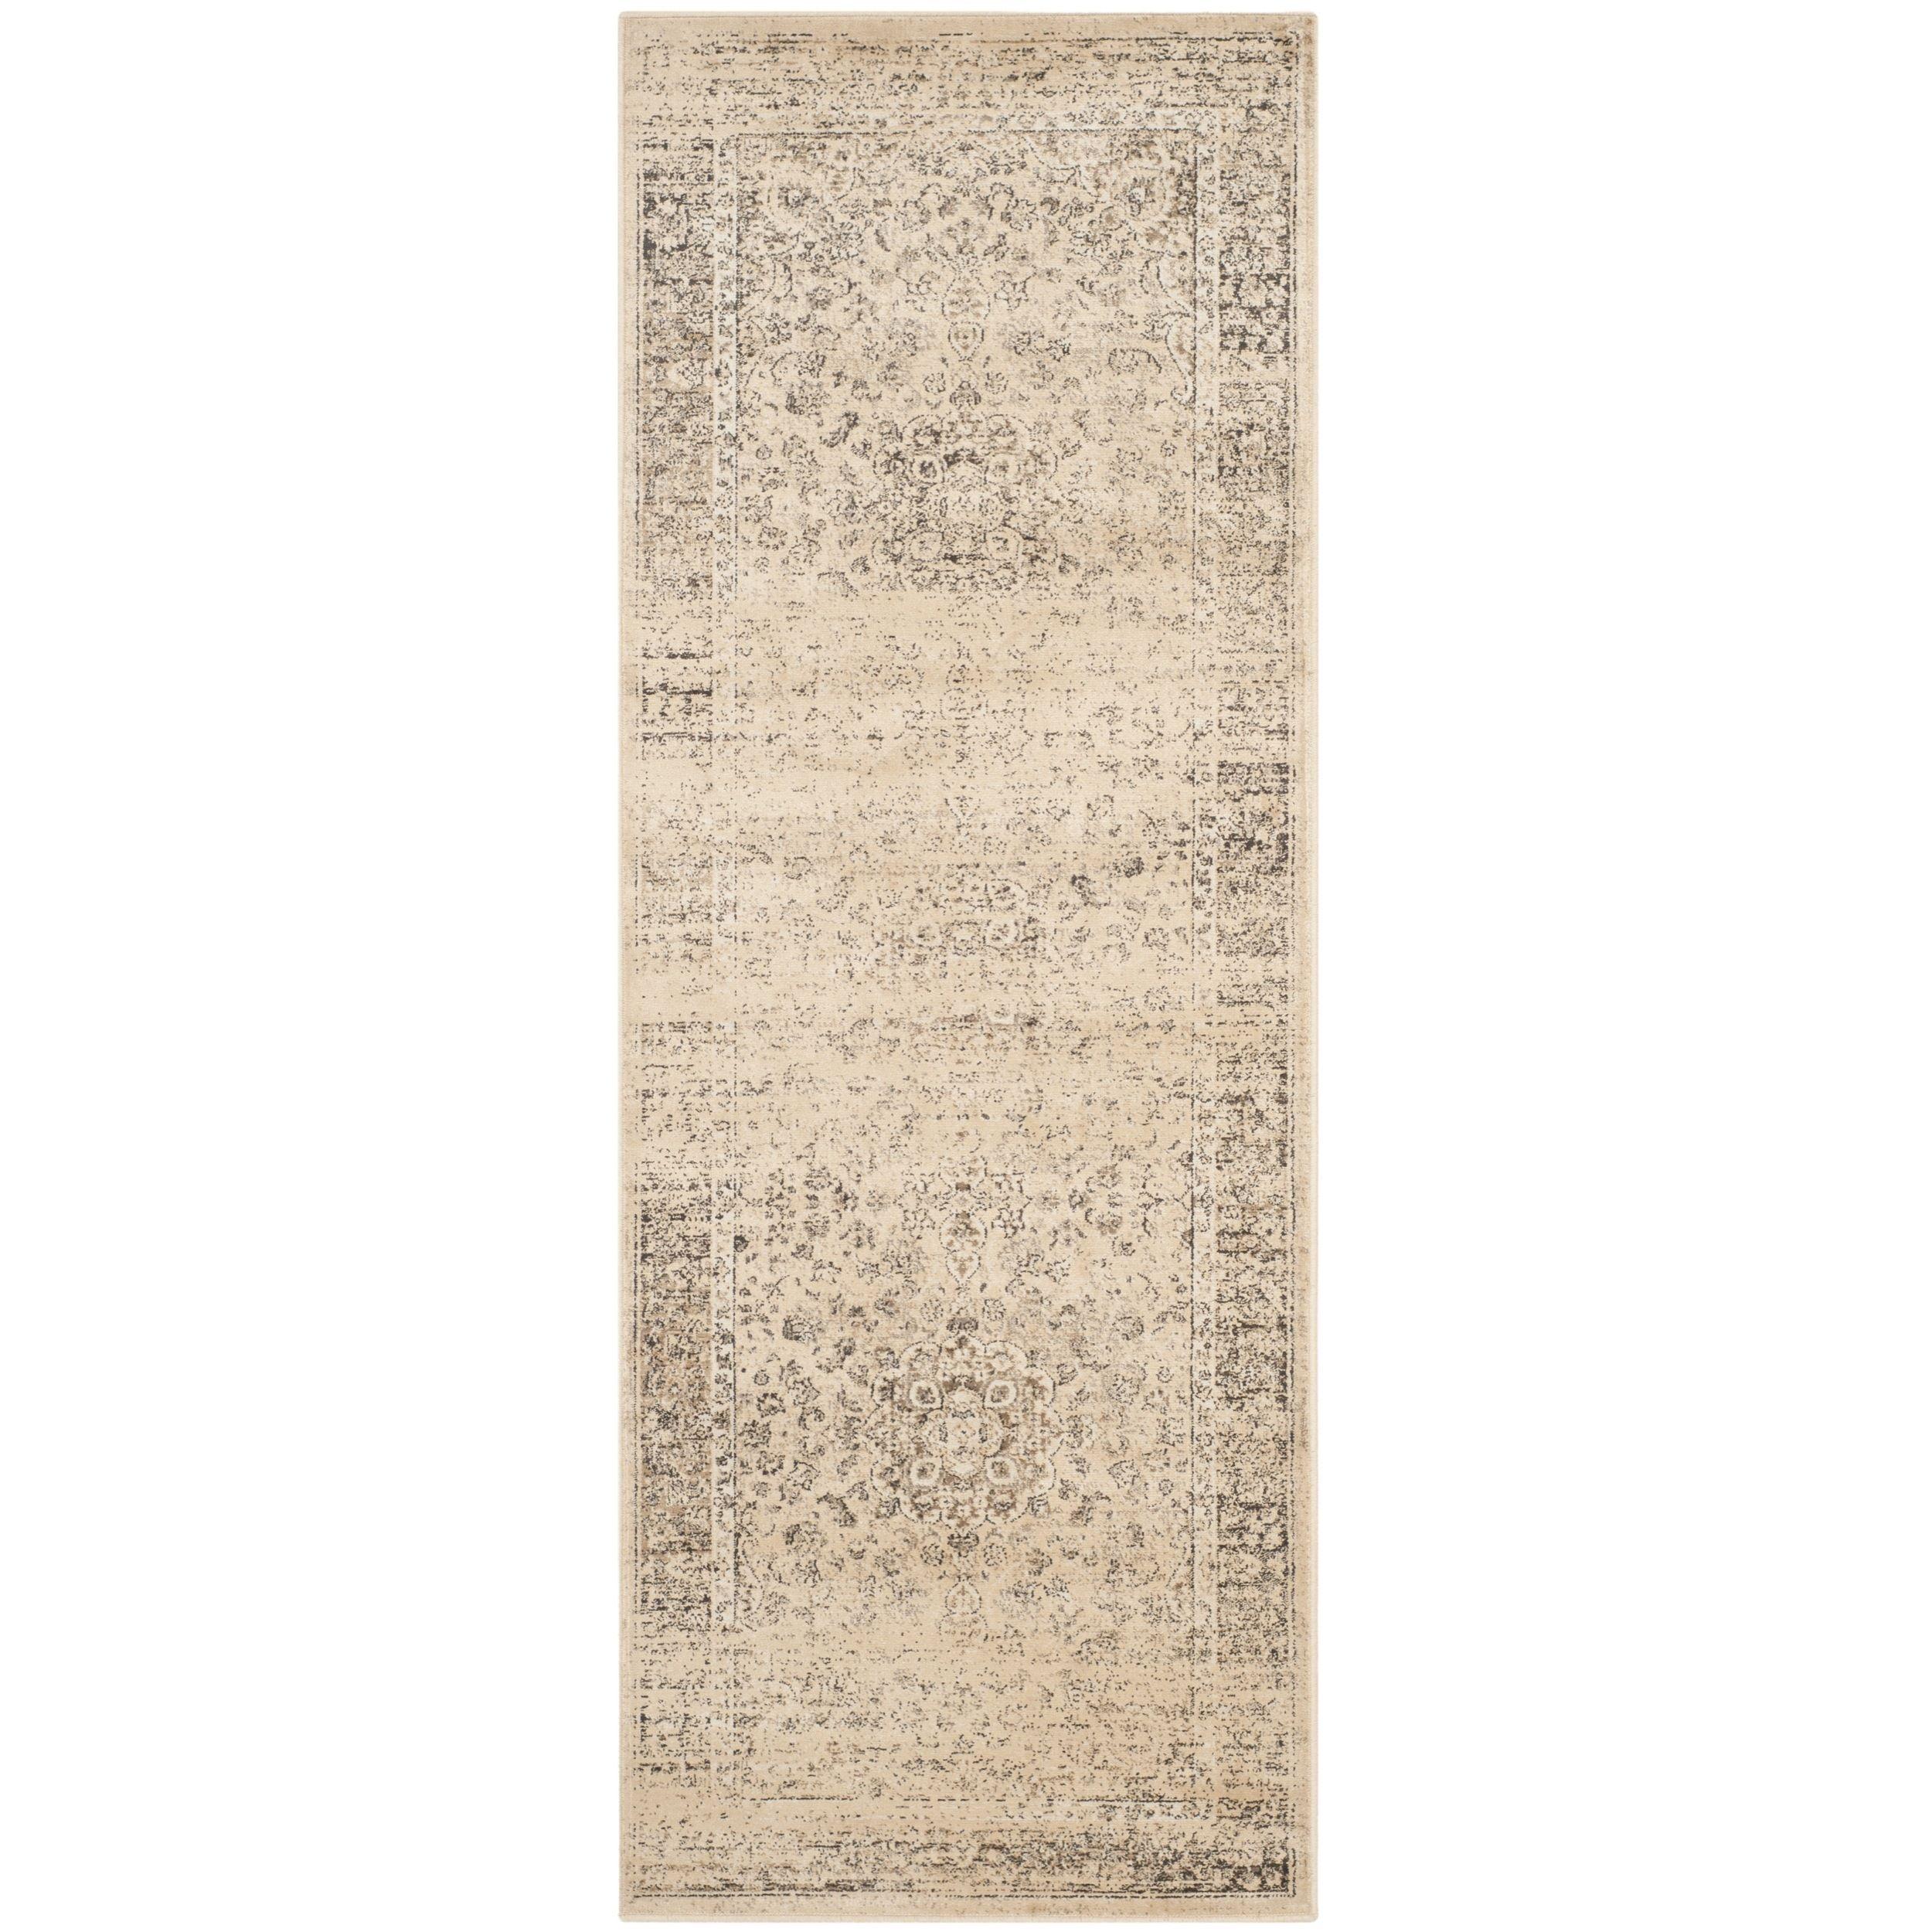 Safavieh Vintage Warm Beige Viscose Rug (2'2 x 7') (VTG113-660-27), Size 2' x 7'